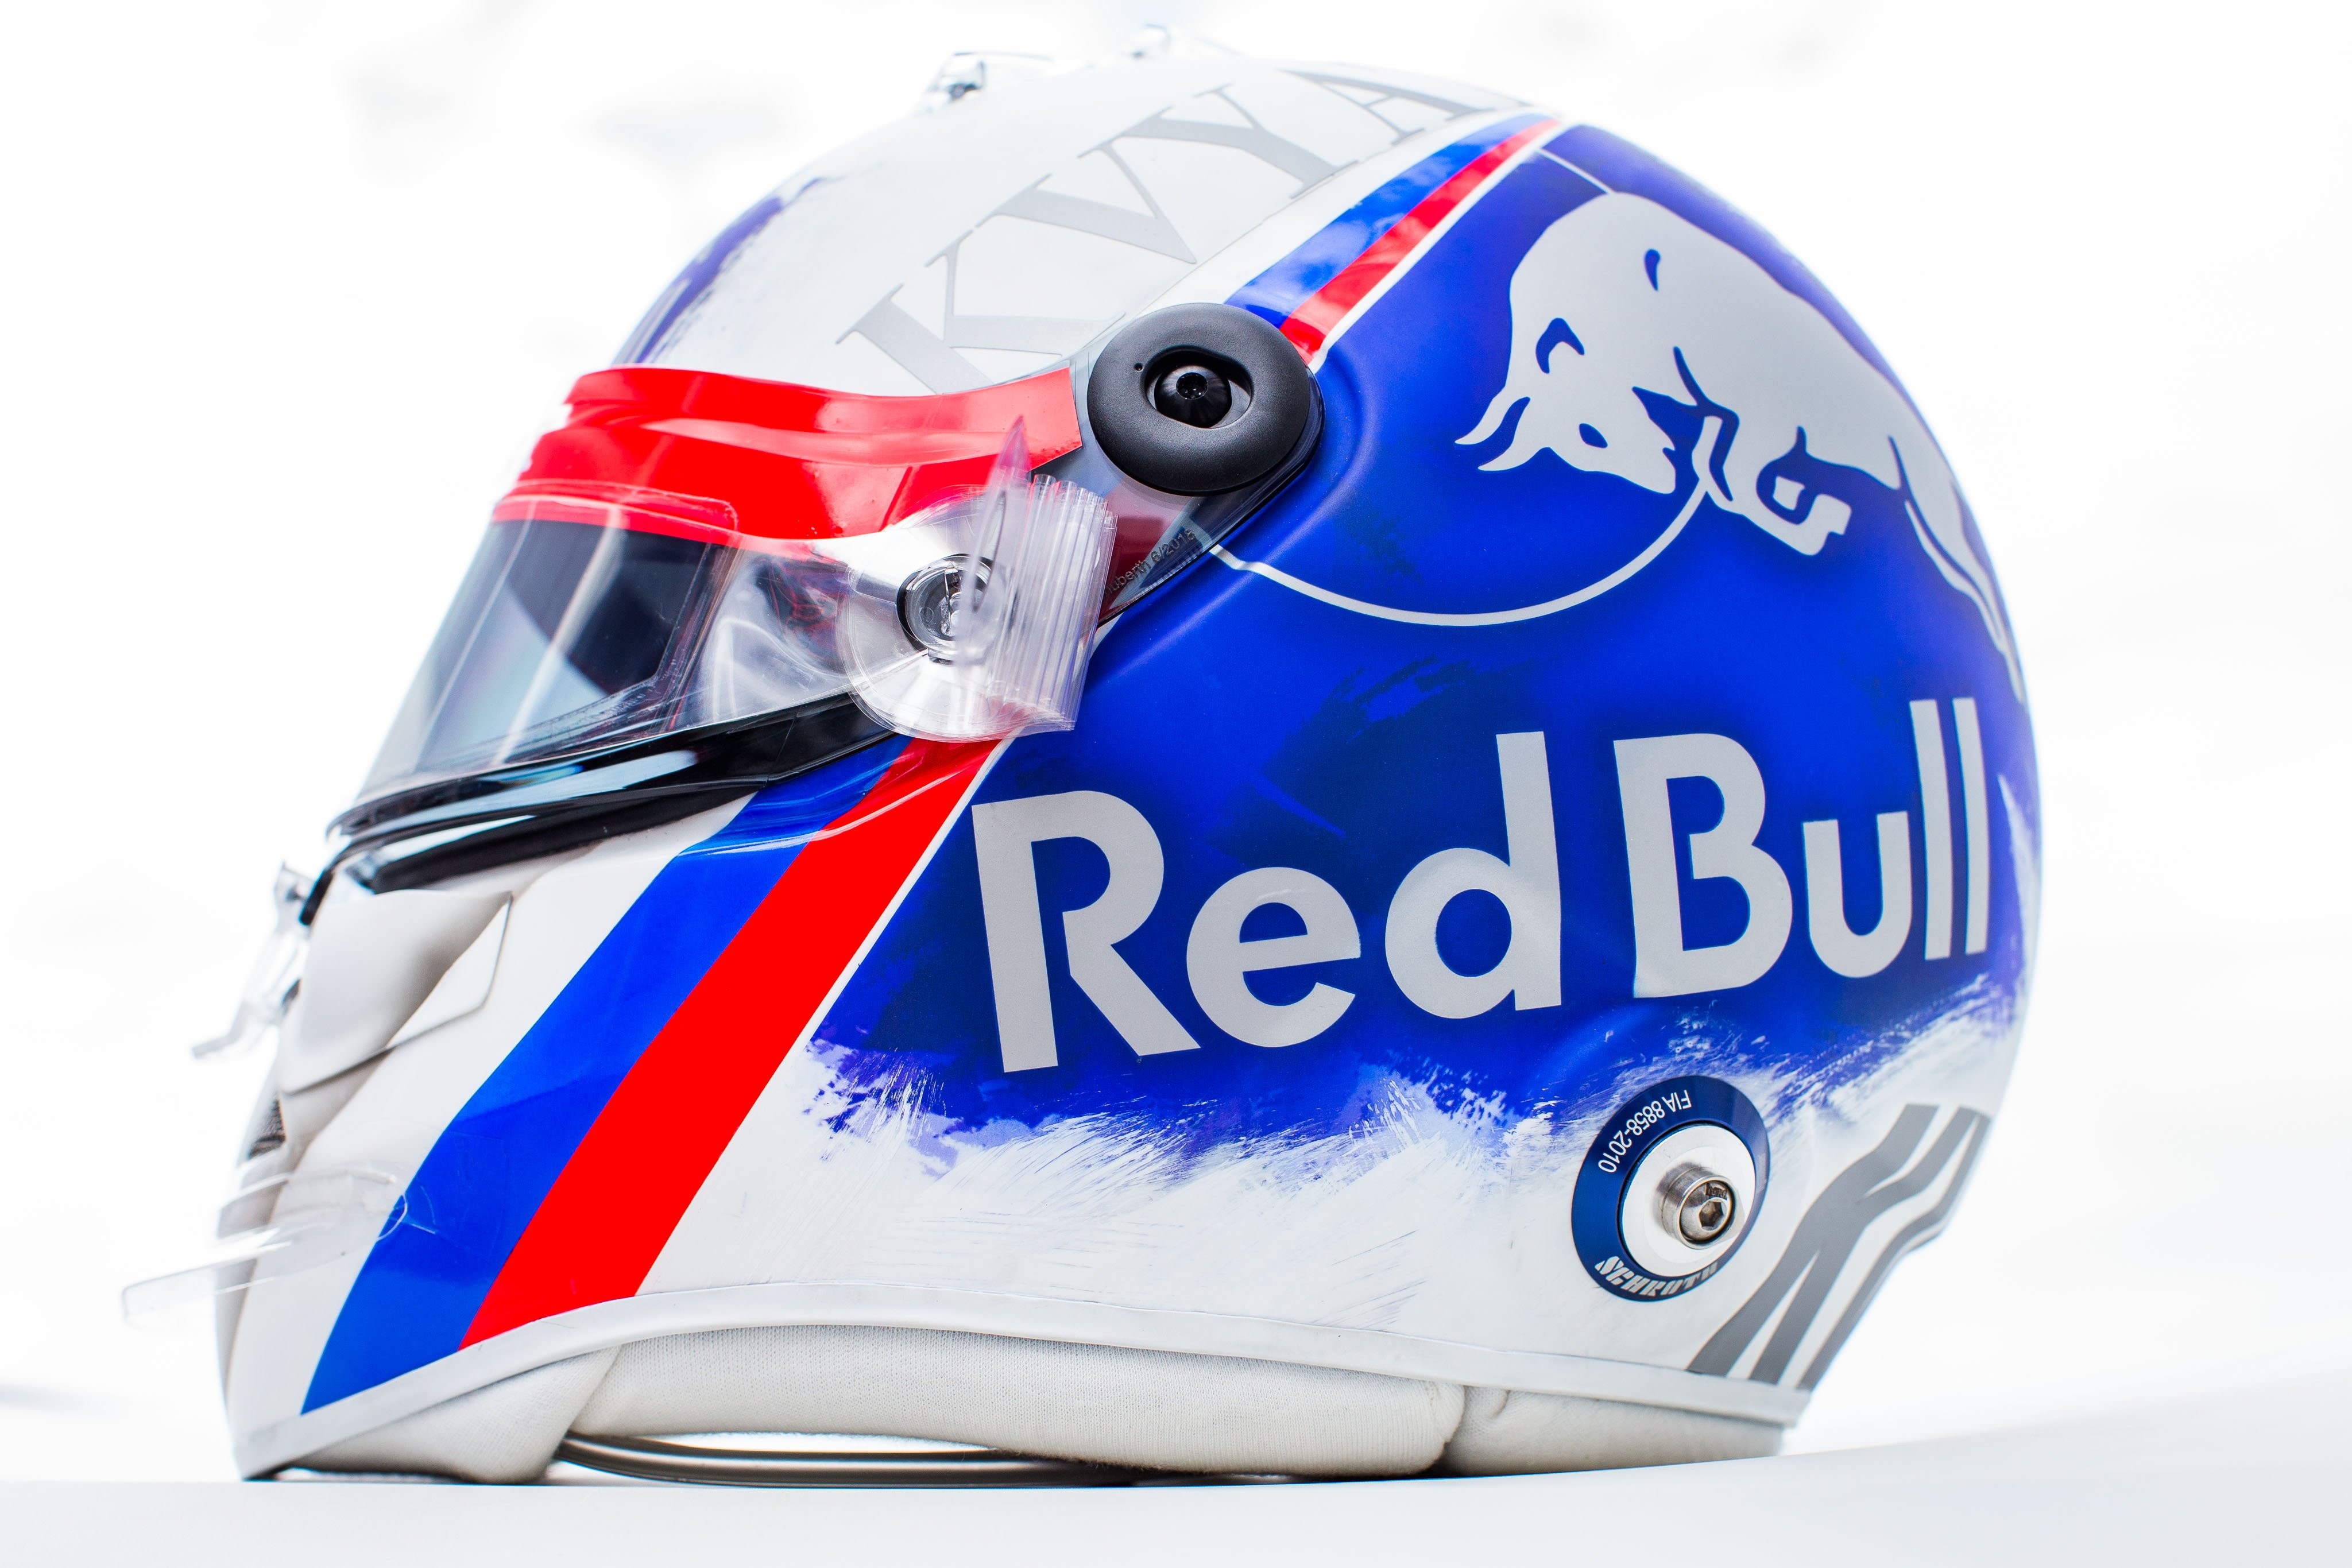 Daniil Kvyat ha preparato un casco speciale per il GP di casa a Sochi, ma la Fia gli ha impedito di usarlo. Secondo la federazione, infatti, la livrea...